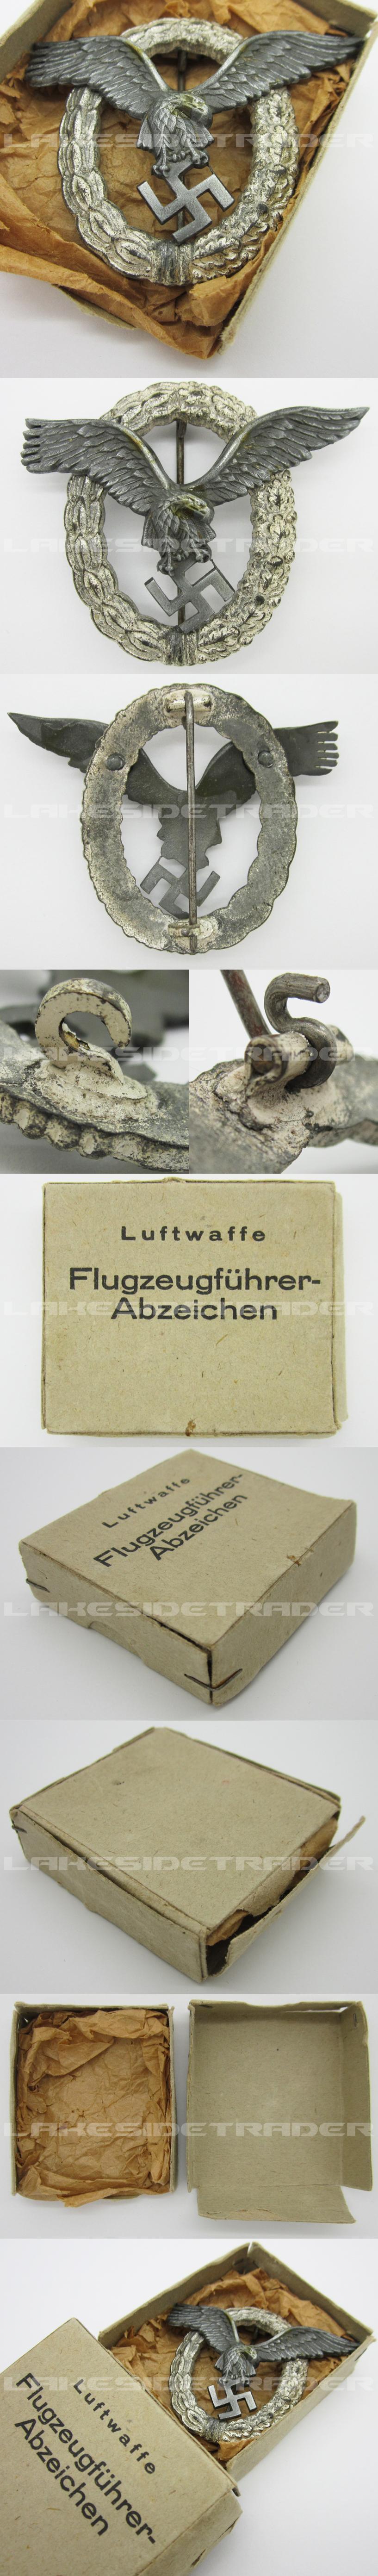 Cased Luftwaffe Pilot Badge by FLL